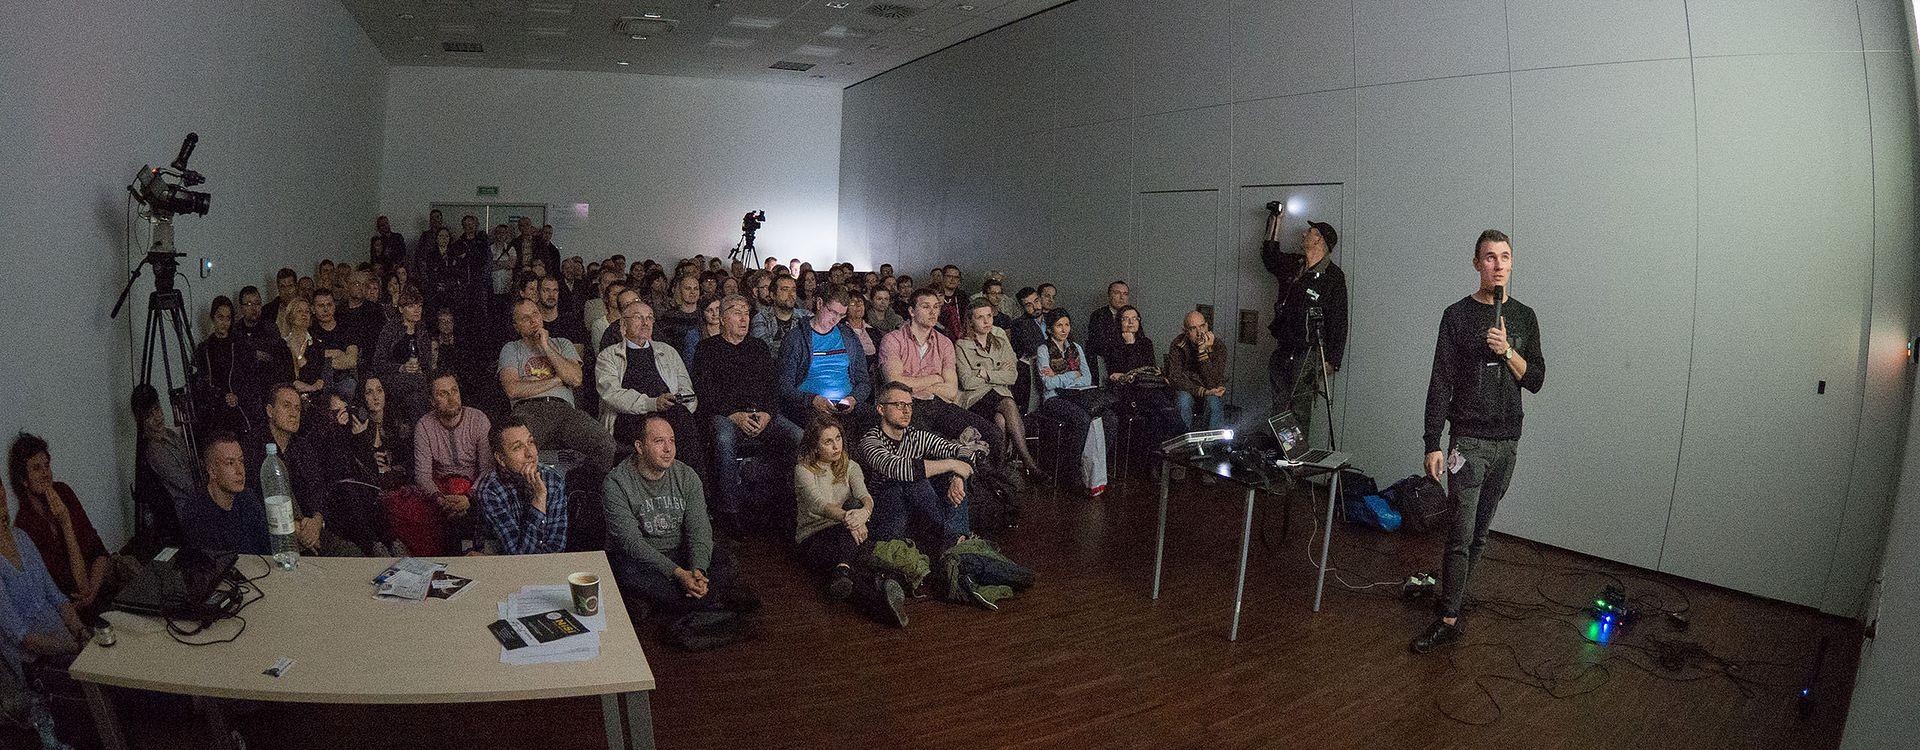 Wykład Jakuba Kaźmierczyka, organizowany przez Olympus Polska, zapełnił dużą salę w czasie targów.